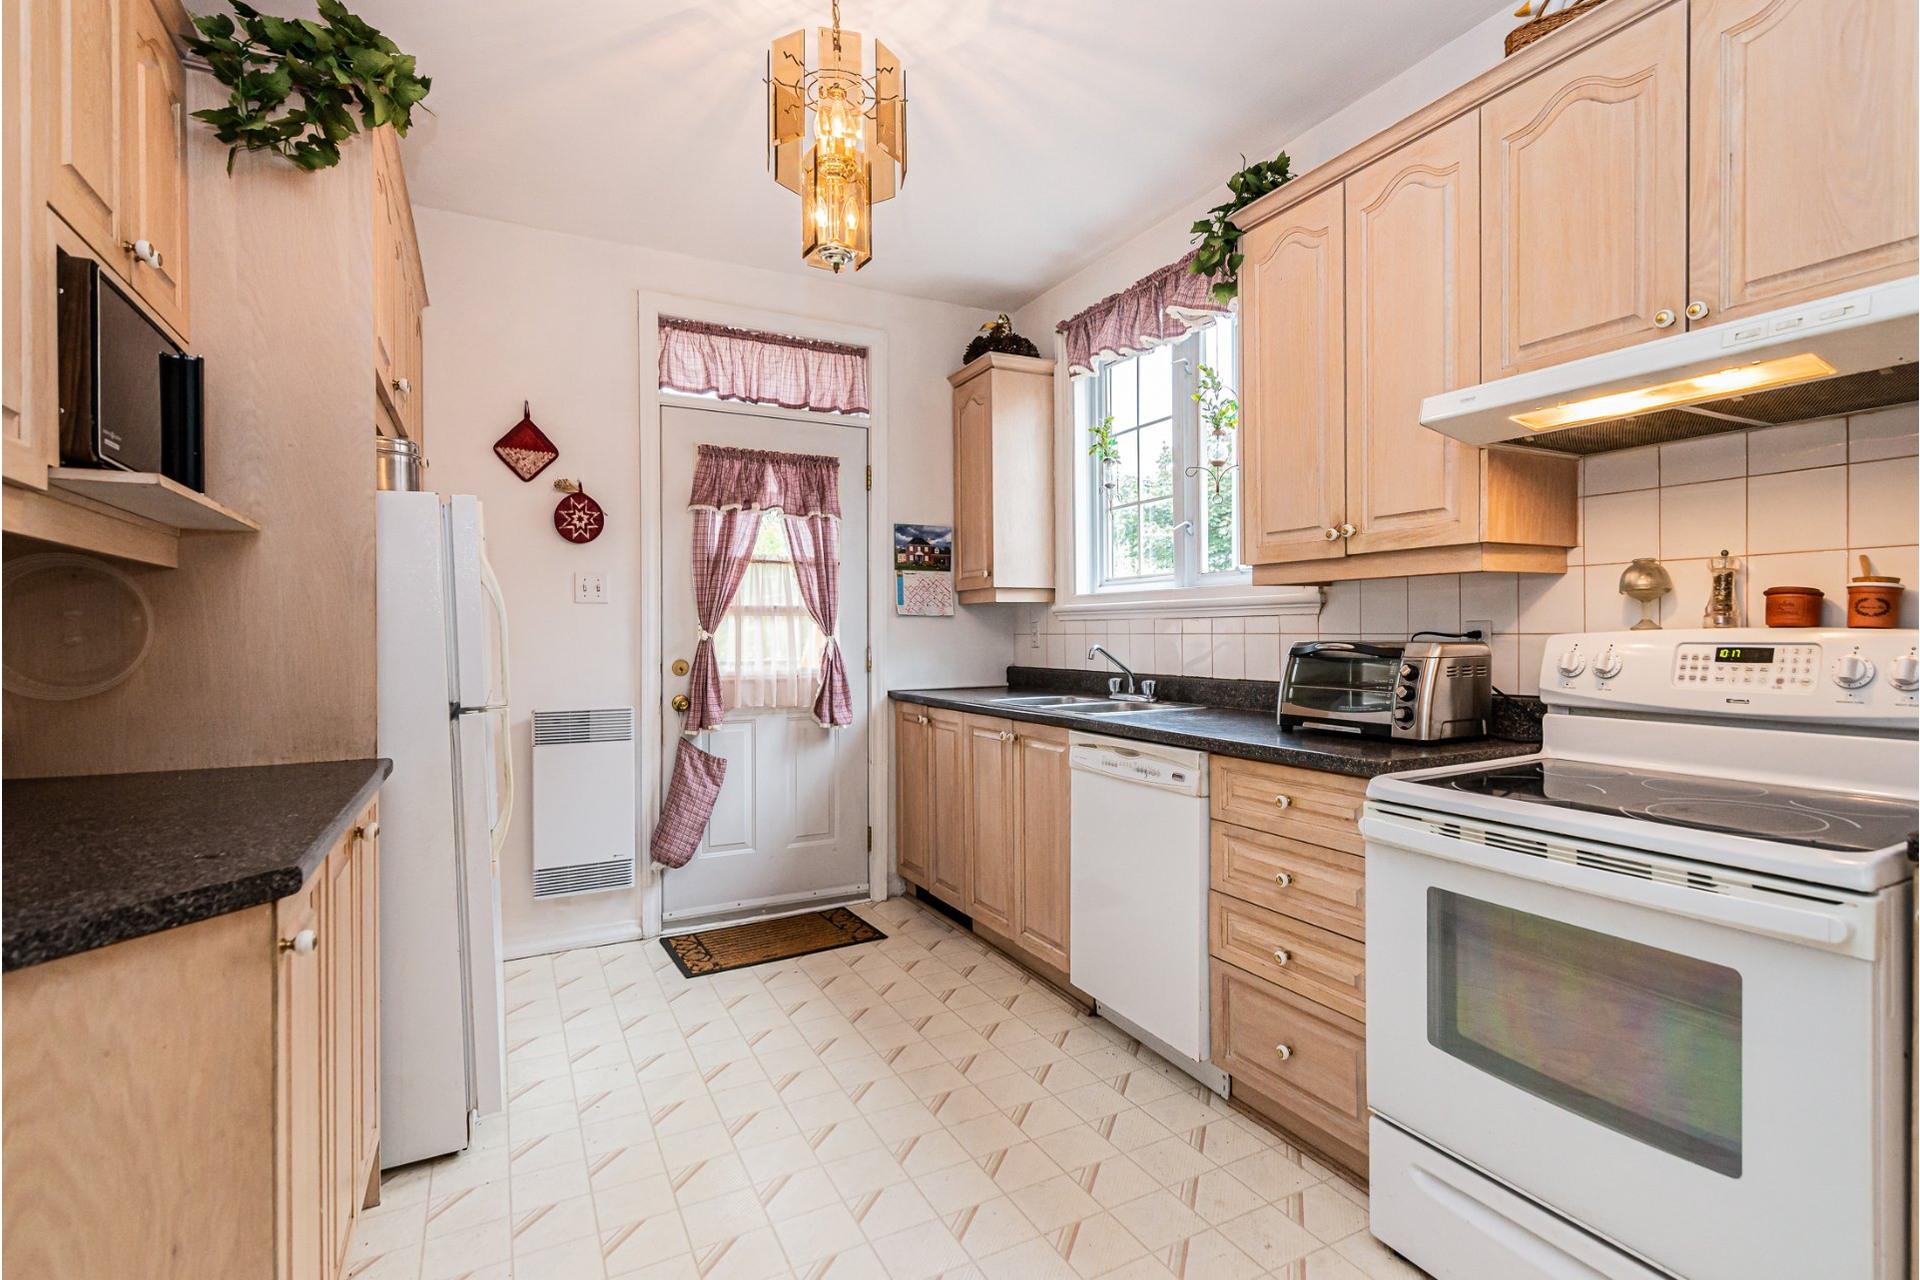 image 18 - Appartement À vendre Côte-des-Neiges/Notre-Dame-de-Grâce Montréal  - 7 pièces